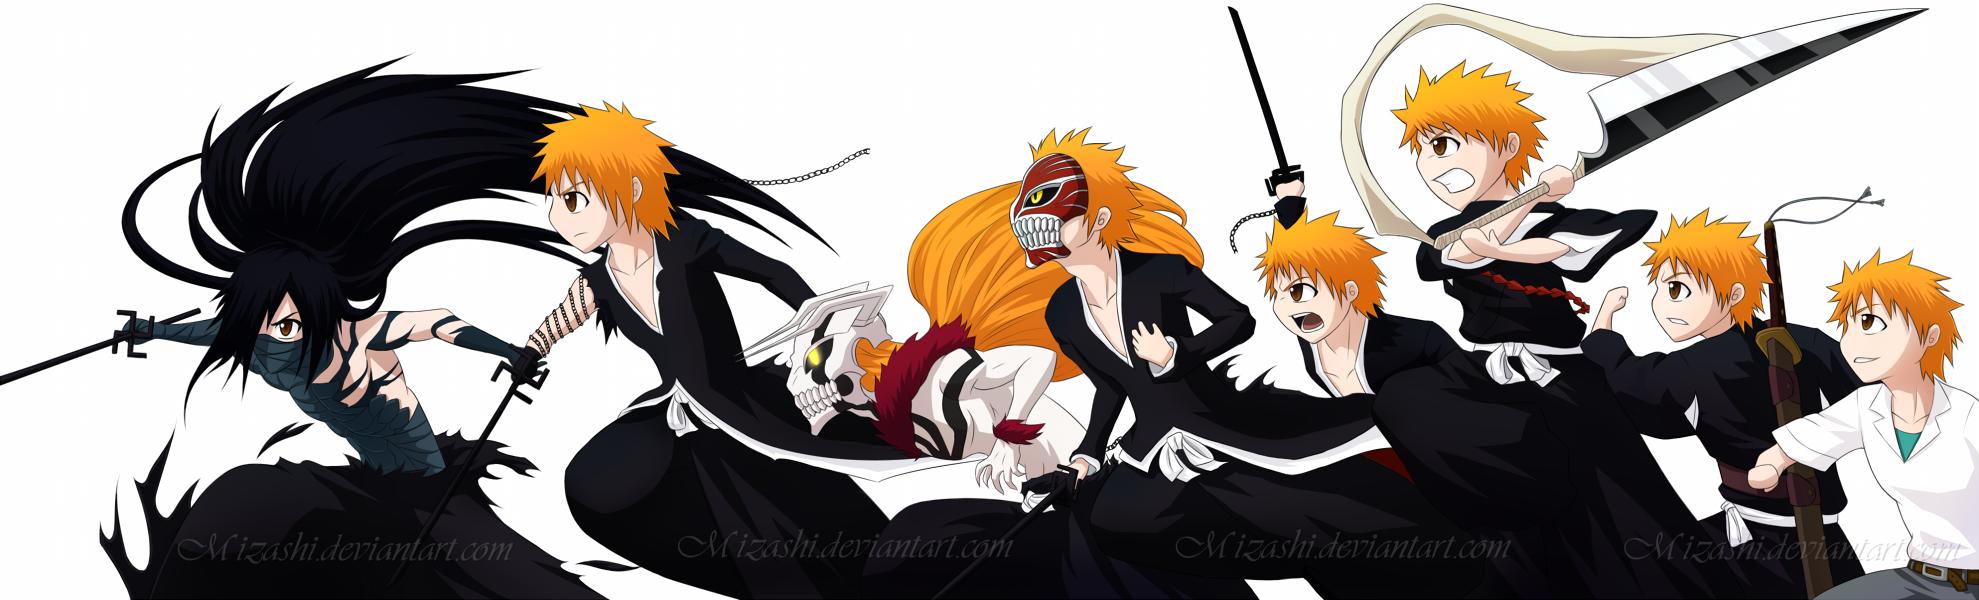 Ichigos Chibi Evolution Shinigami To Final Getsuga Tenshou